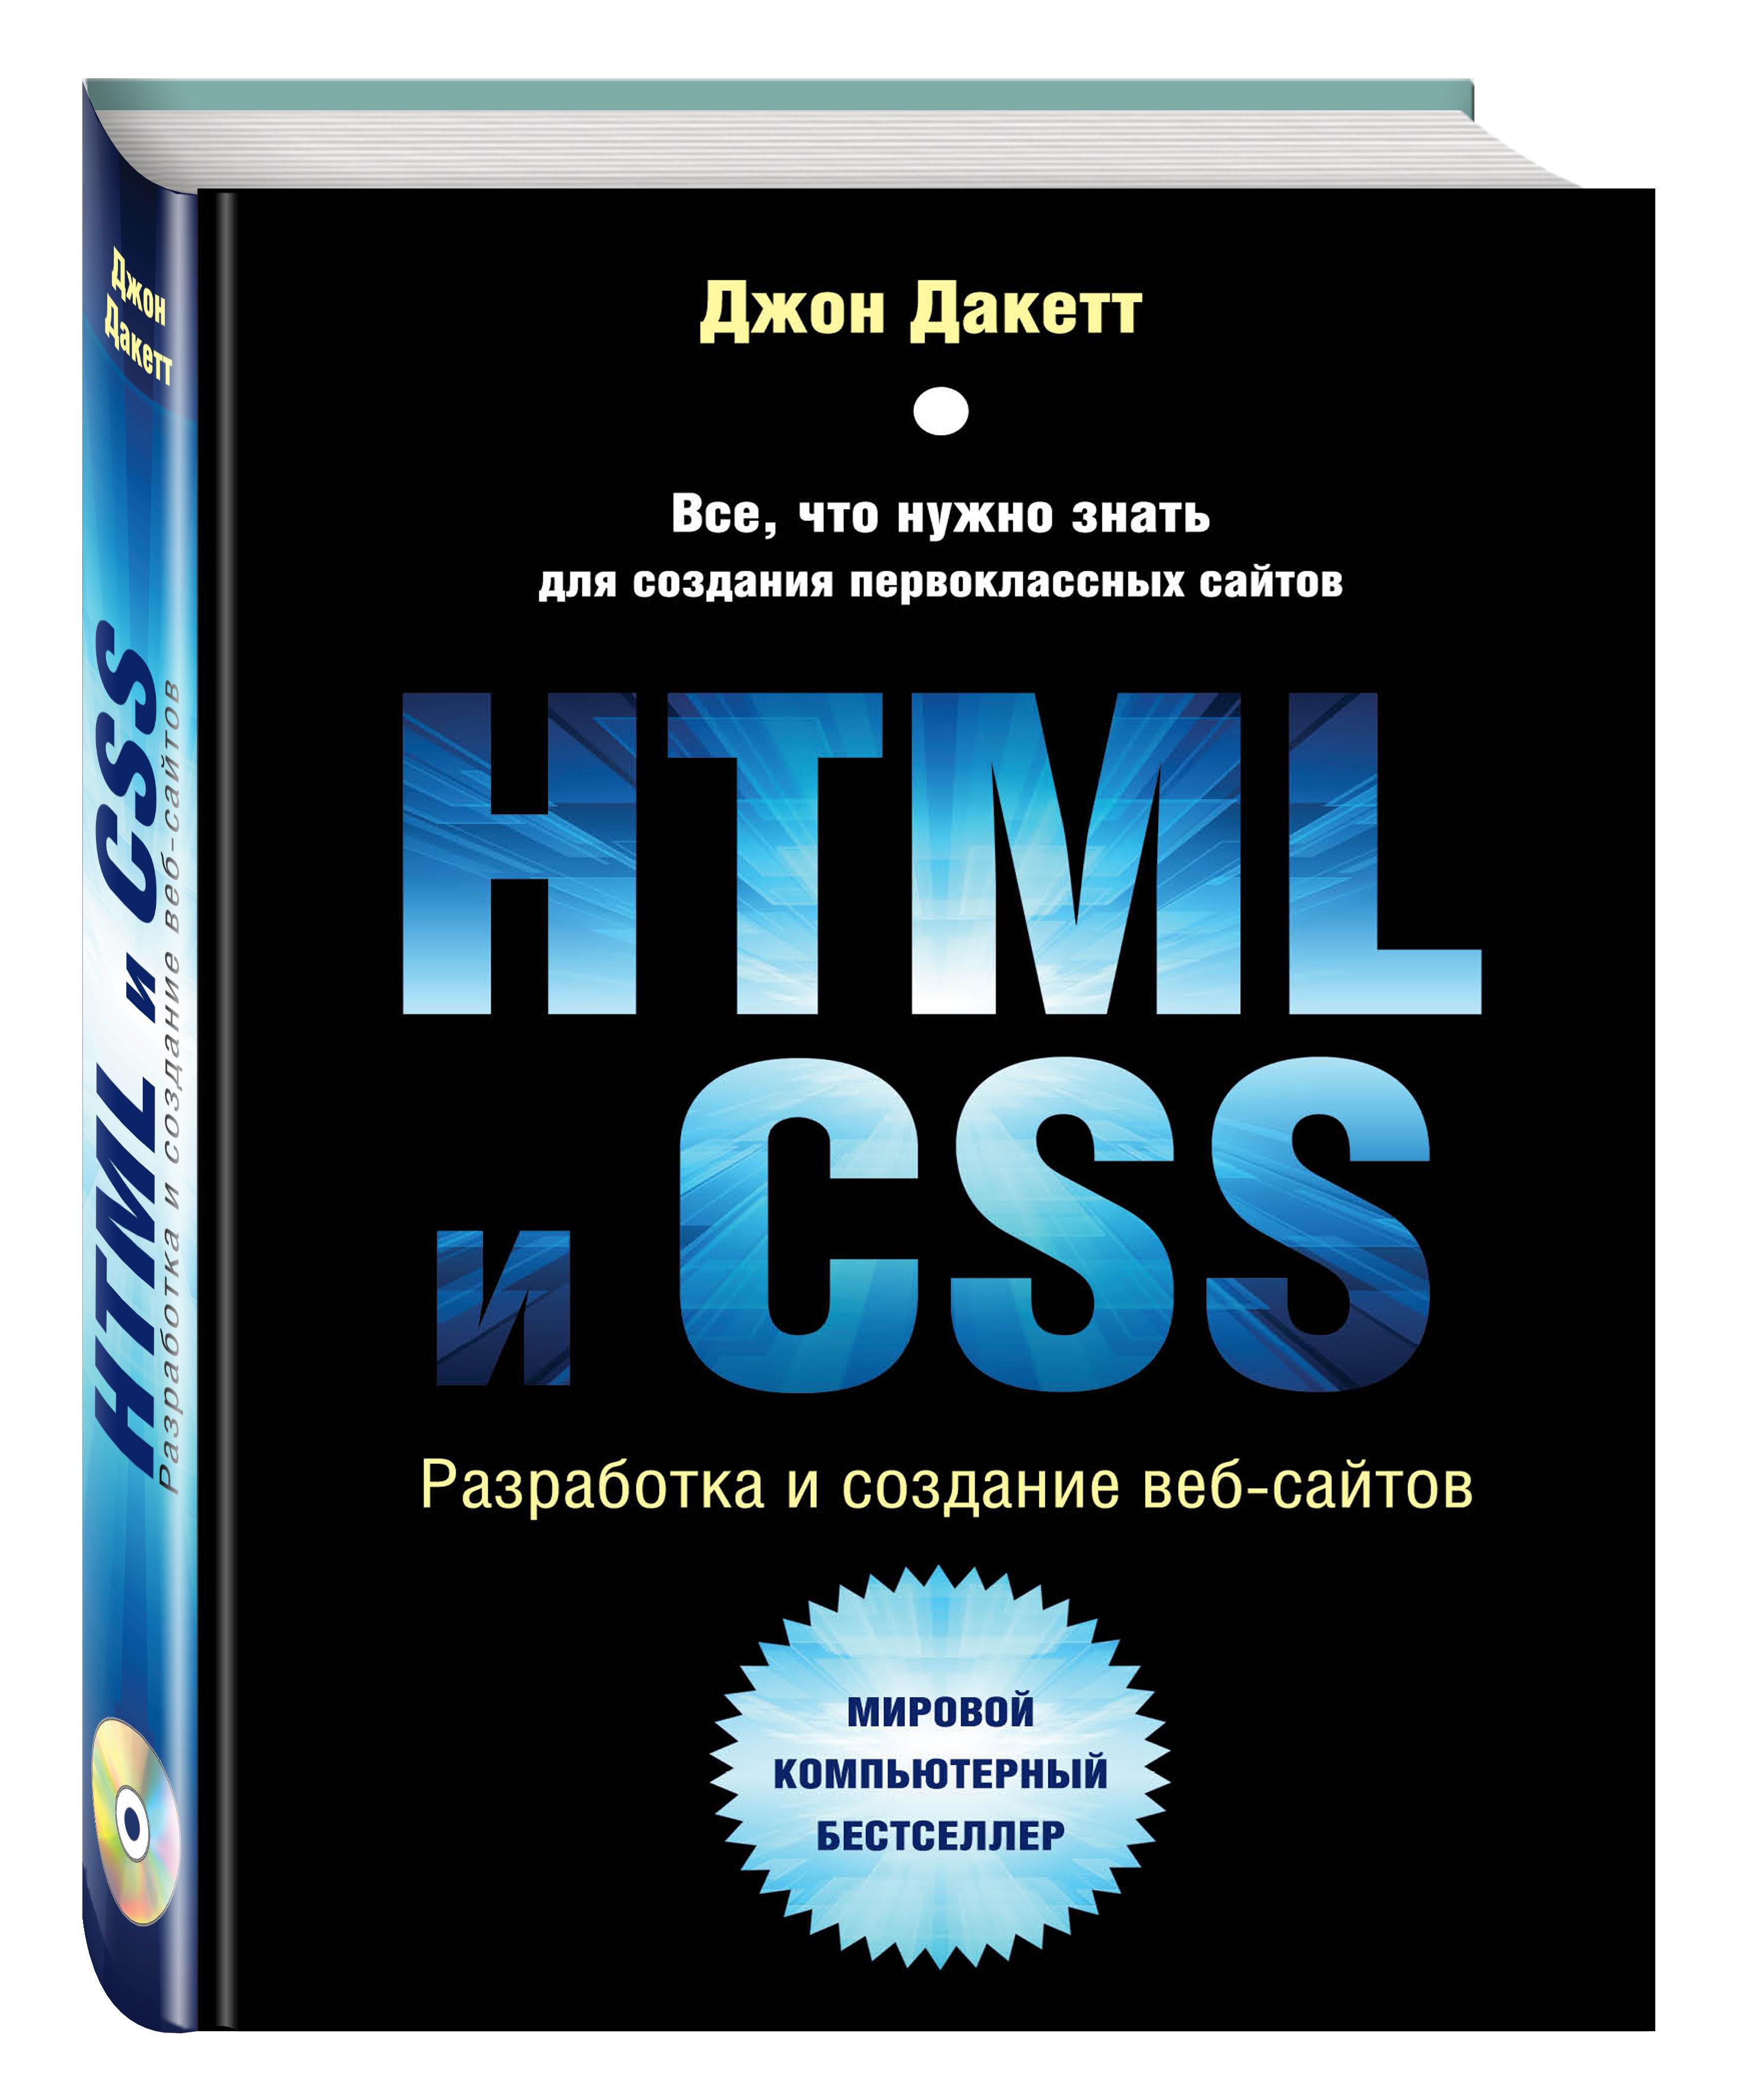 Дакетт Д. HTML и CSS. Разработка и дизайн веб-сайтов (+CD) как купить ракуты в css